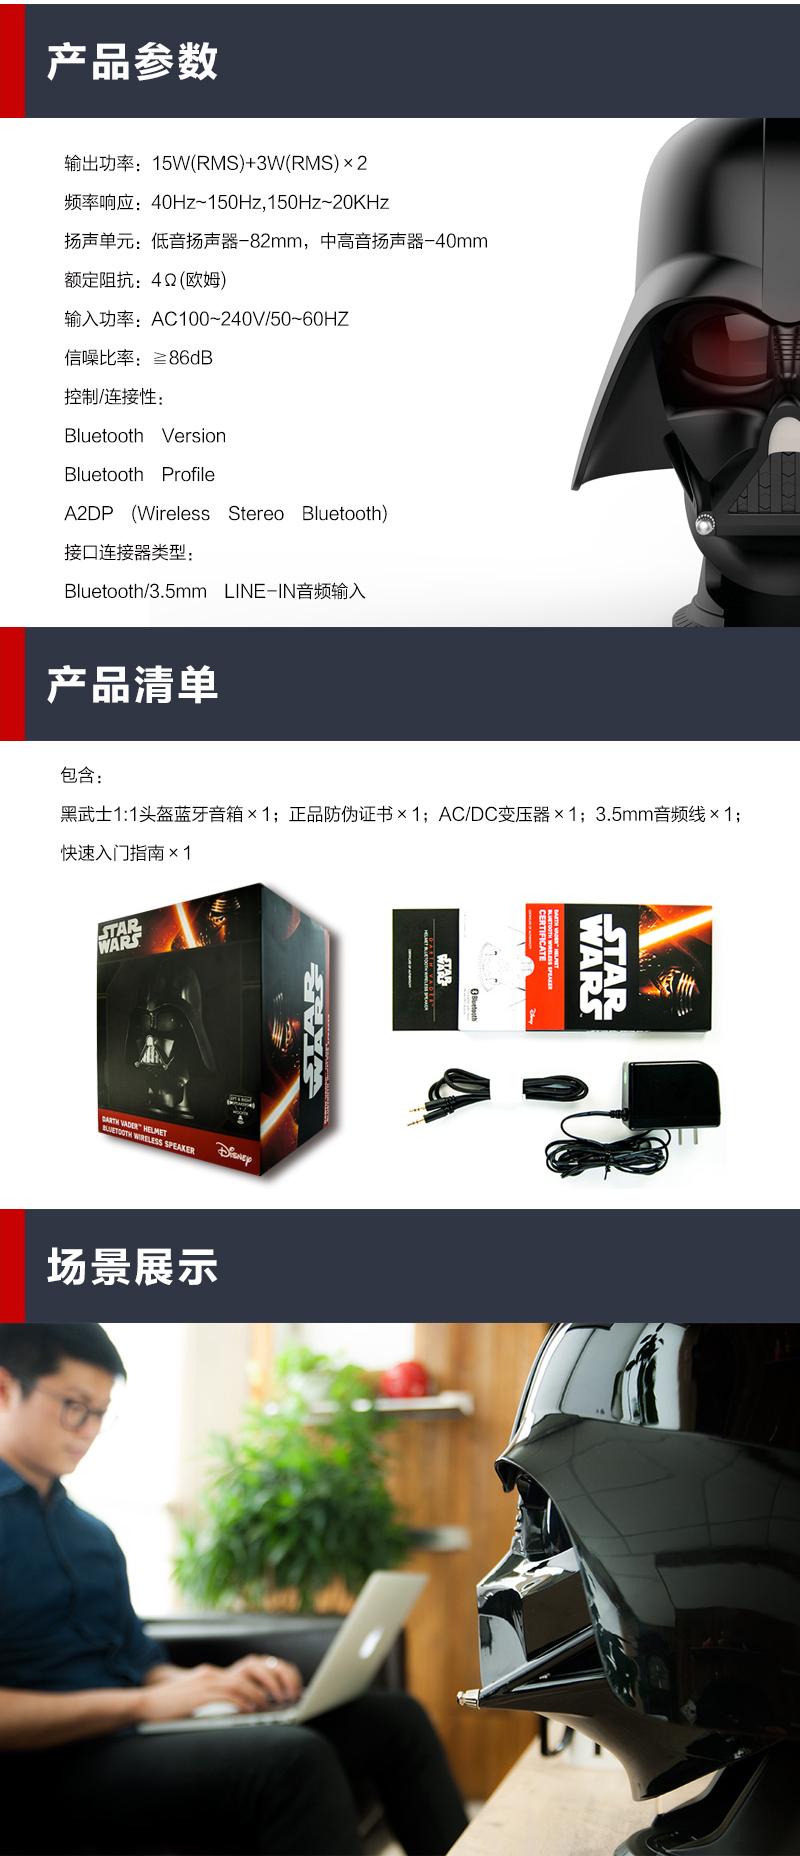 星球大战黑武士1:1头盔蓝牙音箱 专属定制编号 | 限量2000台